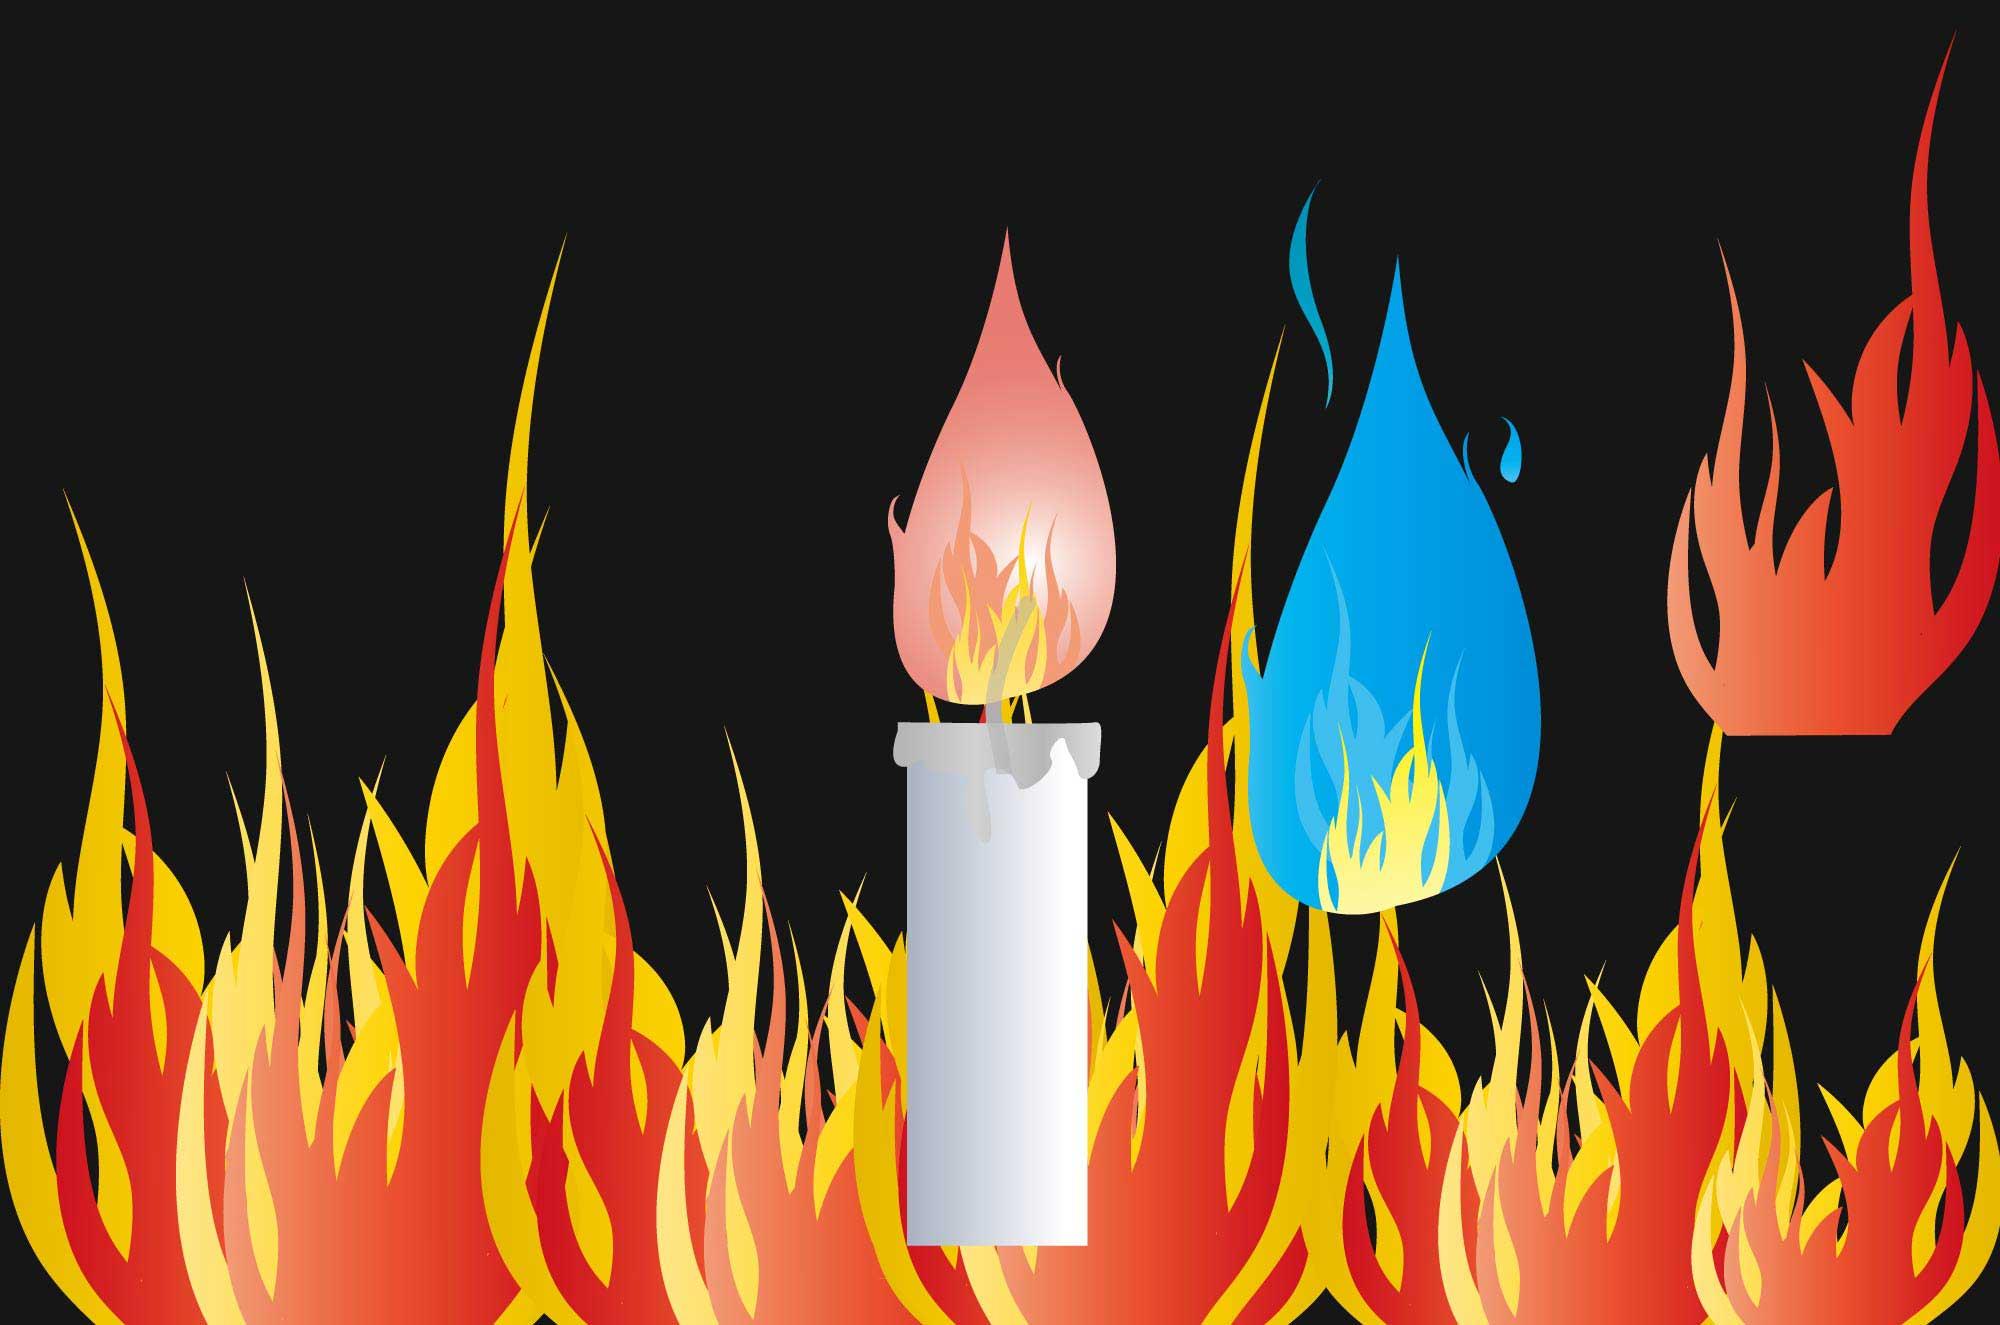 炎イラスト - 燃え盛る灼熱イメージの火の無料素材